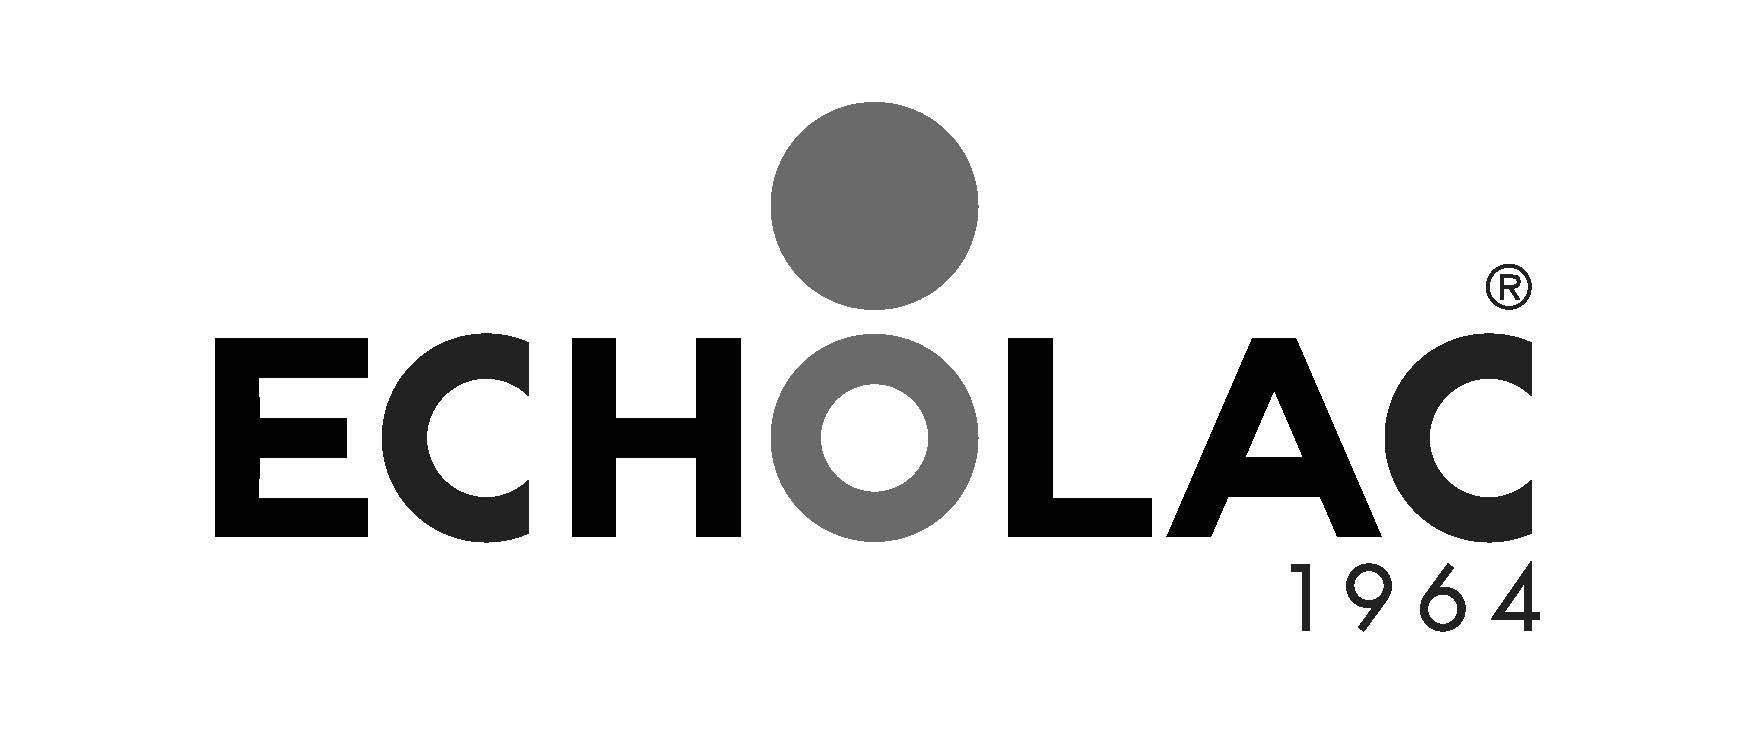 Echolac.jpg